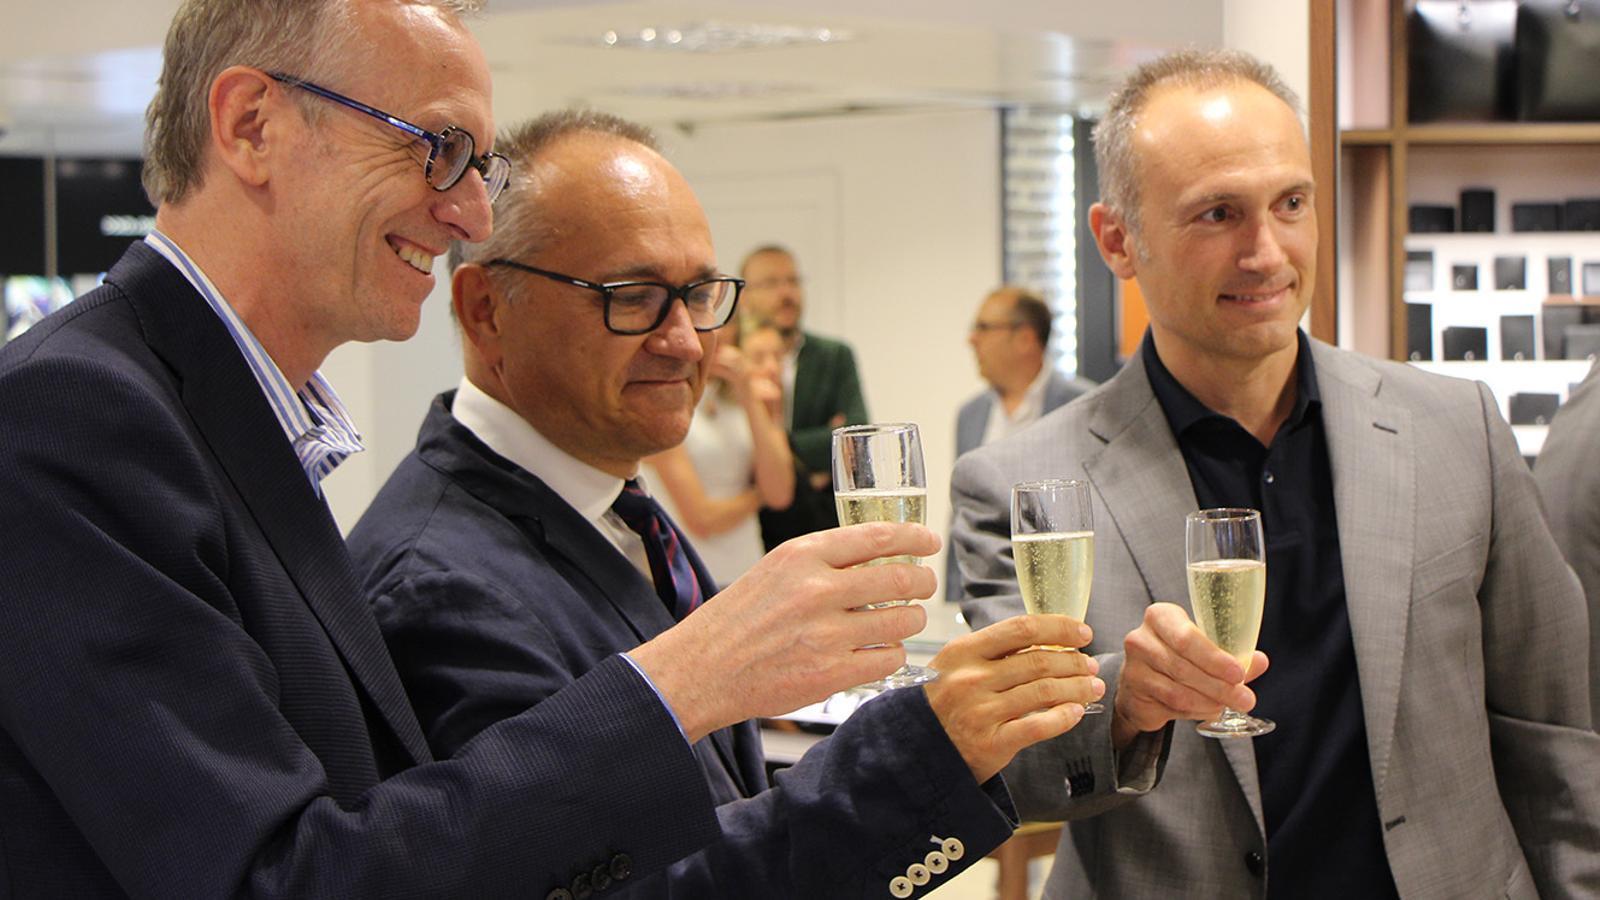 El director general del Grup Pyrénées, Ramon Oliva, el 'brand' mànager de Montblanc Ibèria, Francesc Carmona, i el director general adjunt de Pyrénées, Iván Armengod brinden durant l'acte d'inauguració del nou espai Montblanc. / B. N.